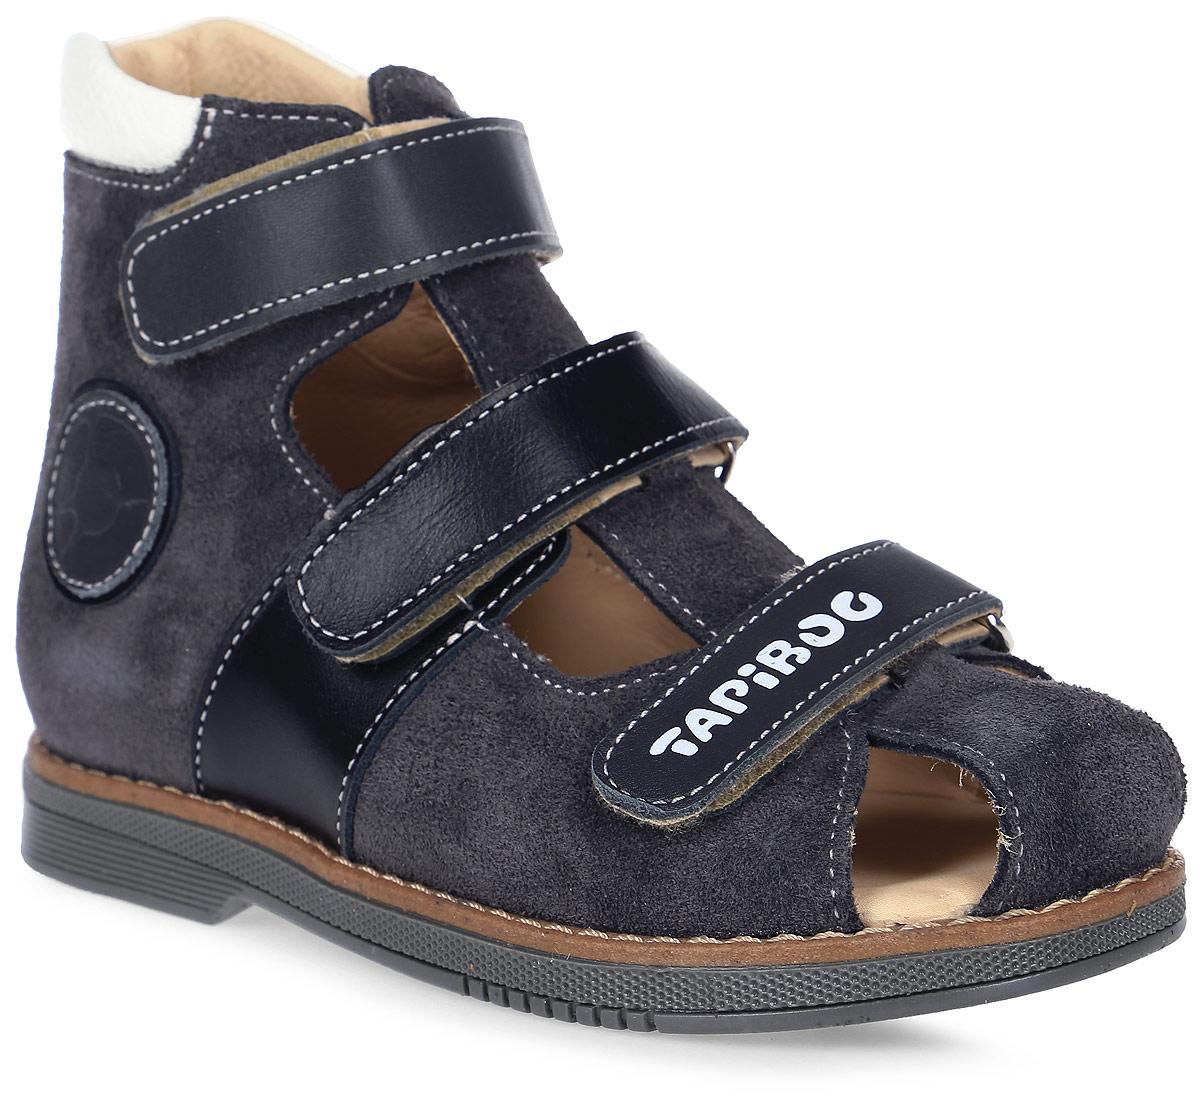 СандалииFT-25007.17-OL12O.01Эти ортопедические туфли разработаны для коррекции стоп при вальгусной деформации, а также для профилактики плоскостопия. Применение данной модели рекомендовано детям при наличии сформировавшихся деформаций. При применении данной обуви рекомендуется использование индивидуальных ортопедических стелек по назначению врача-ортопеда. Жесткий фиксирующий задник увеличенной высоты и возможность регулировки полноты тремя застежками «велкро» обеспечивают необходимую фиксацию голеностопа в правильном положении. Широкий, устойчивый каблук, специальной конфигурации «каблук Томаса». Каблук продлен с внутренней стороны до середины стопы, предотвращает вращение (заваливание) стопы вовнутрь (пронационный компонент деформации, так называемая косолапость, или вальгусная деформация). Подкладка из кожи теленка без швов. Кожа теленка обладает повышенной износостойкостью в сочетании с мягкостью и отличной способностью пропускать воздух для создания оптимального температурного режима (нога не потеет)....